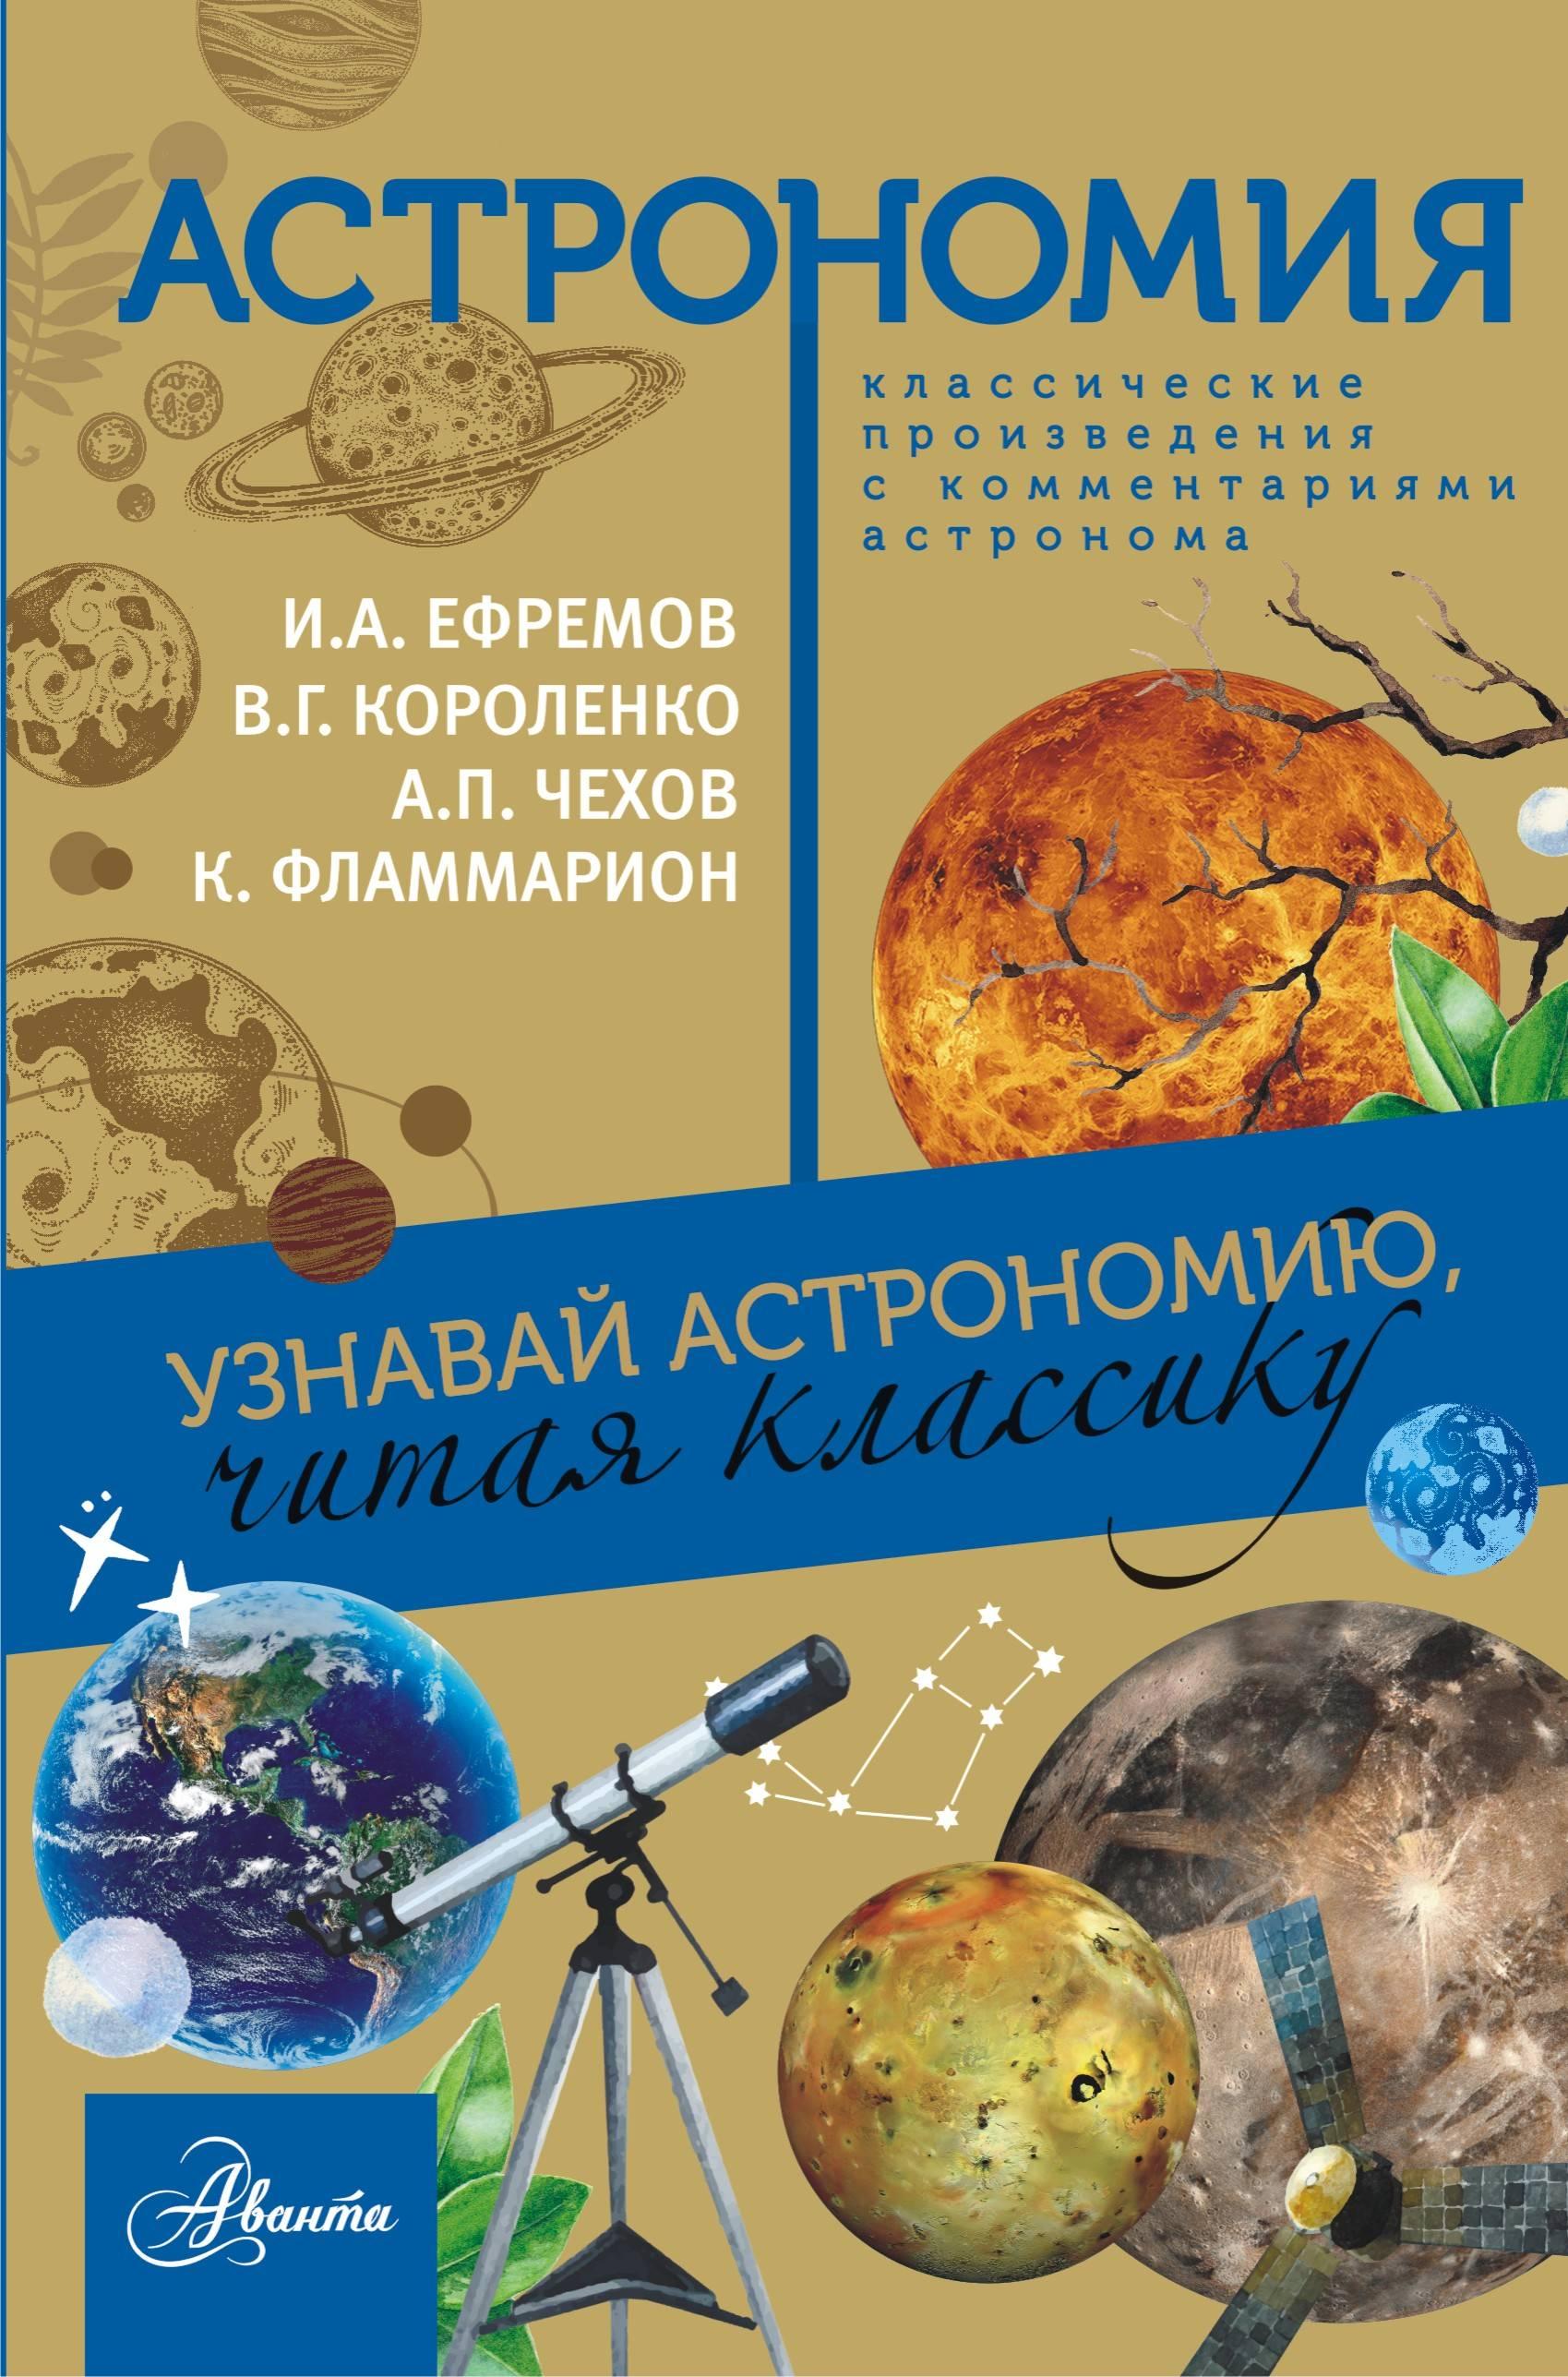 И. А. Ефремов, В. Г. Короленко, А. П. Чехов, К. Фламмарион Астрономия. Узнавай астрономию, читая классику стрельникова е химия узнавай химию читая классику